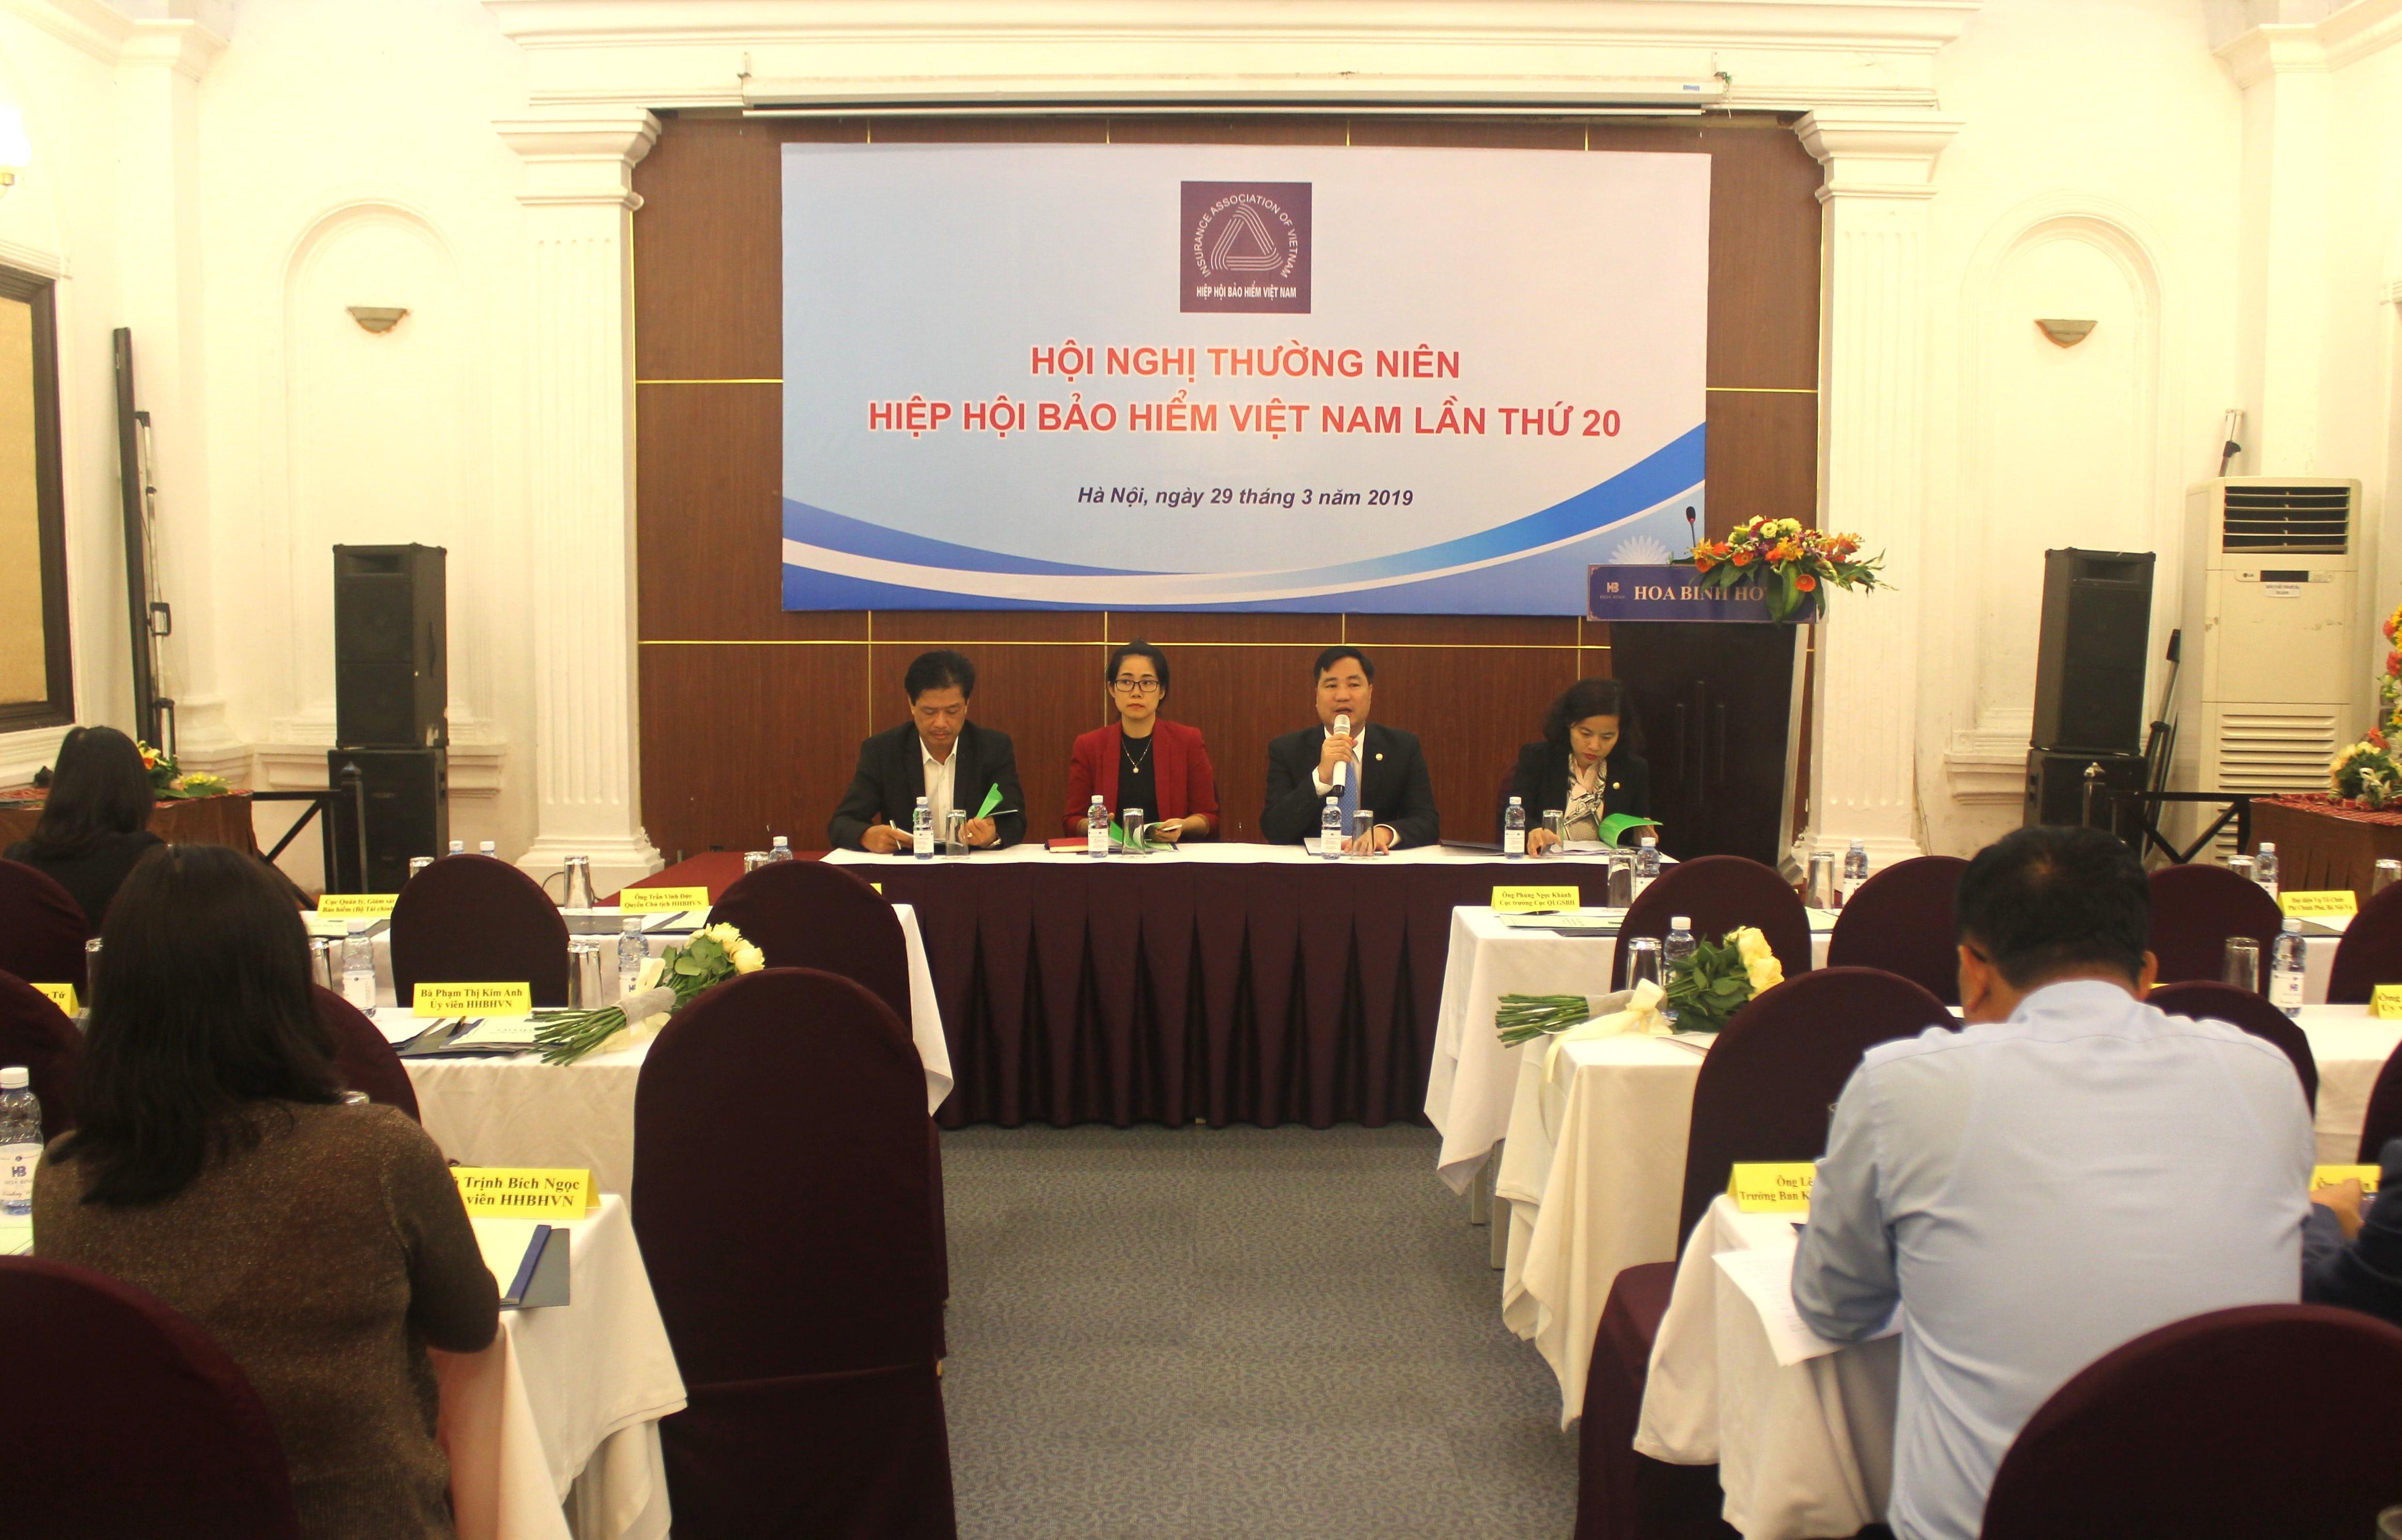 Hội nghị Thường niên Hiệp hội Bảo hiểm Việt Nam năm 2019